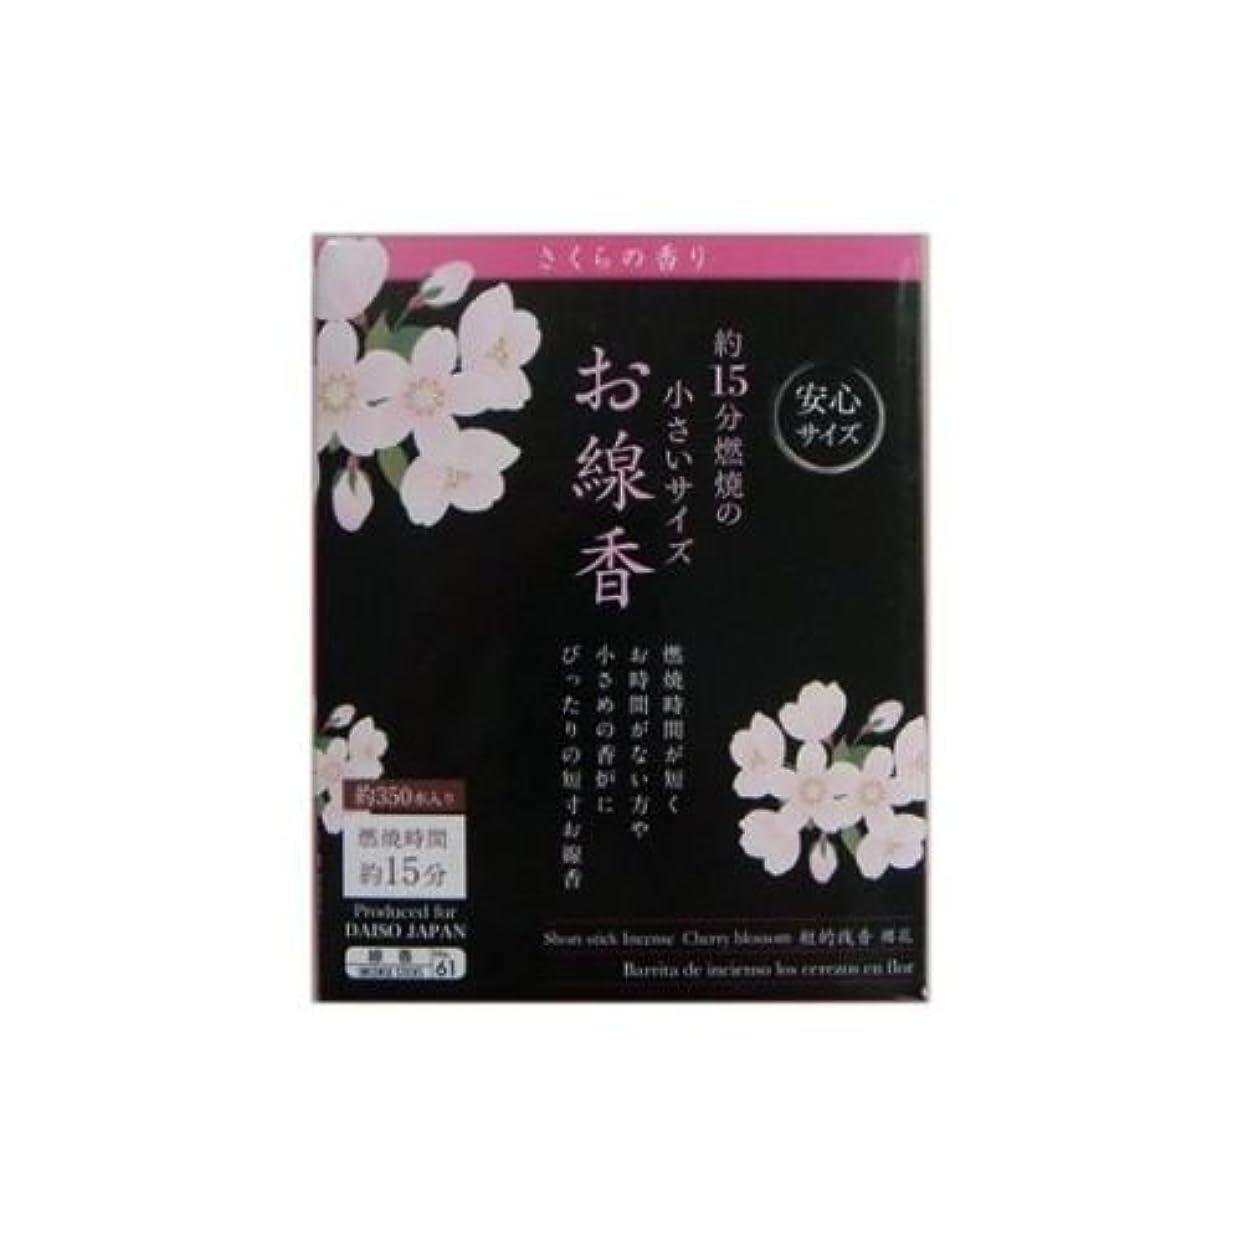 顎慢性的デコレーションDaiso Senko Japanese Incense桜ショートスティック9 cm-15min / 350 sticks